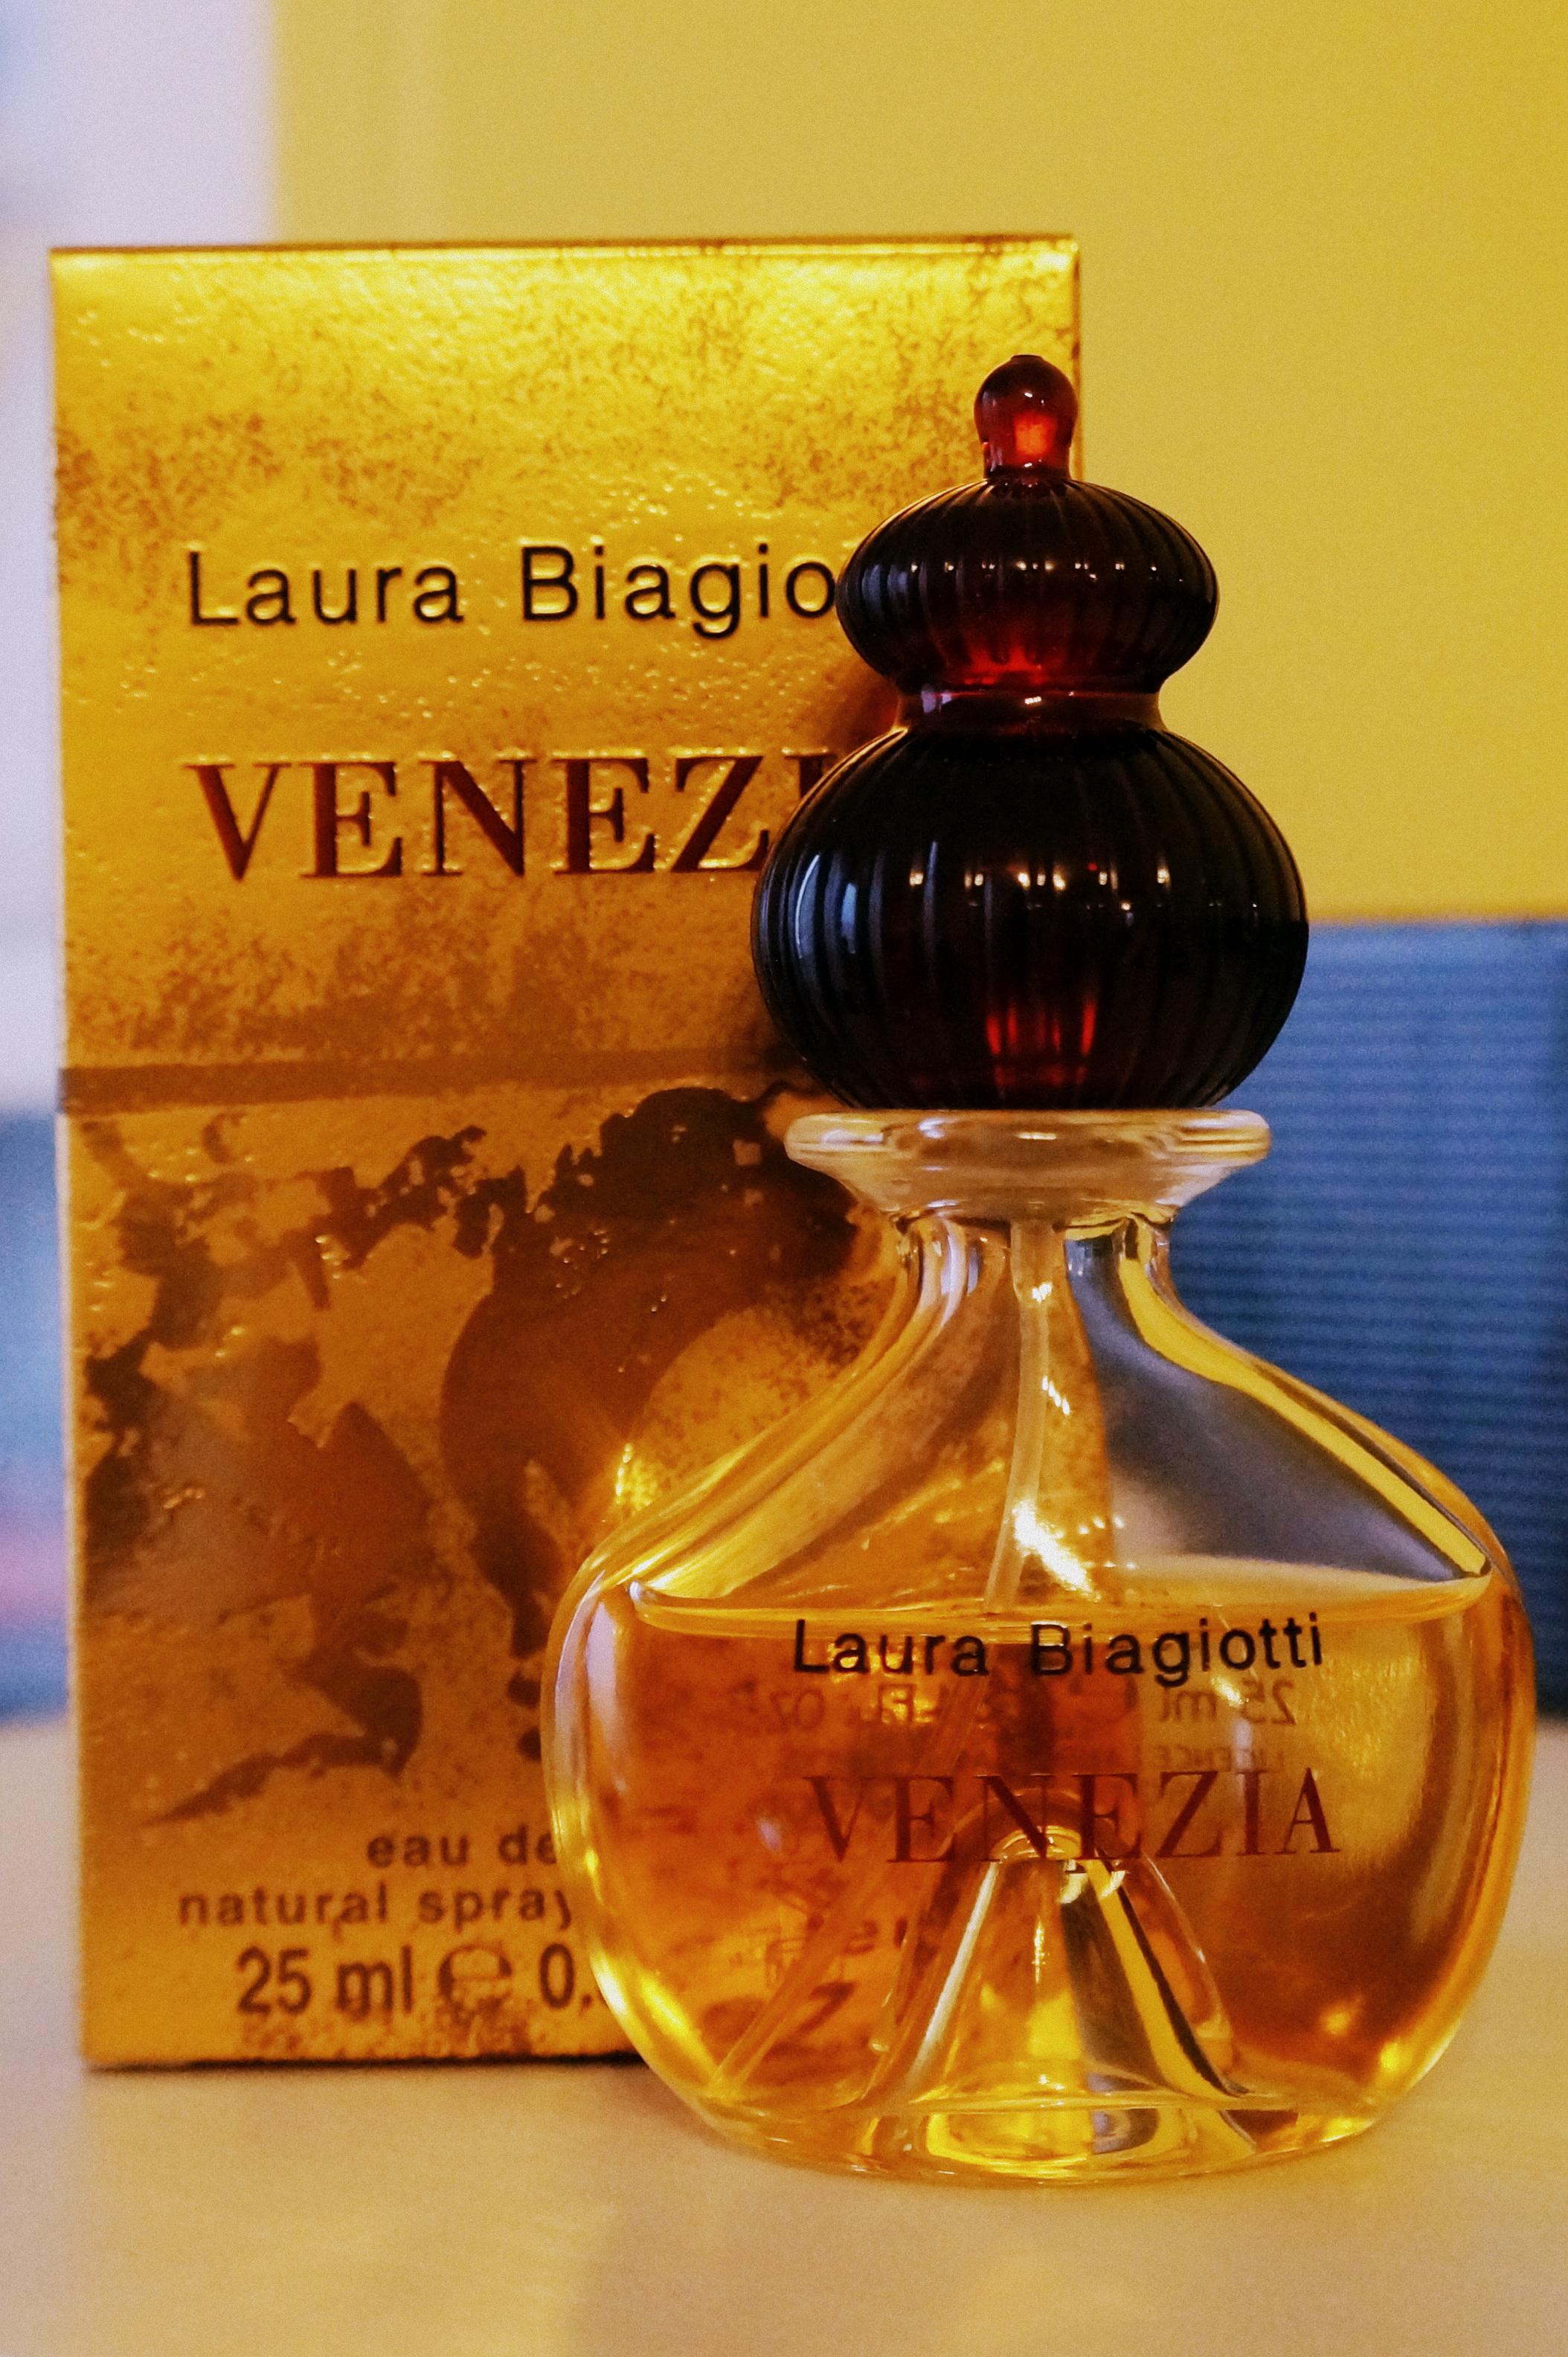 laura_biagiotti_venezia_opinie